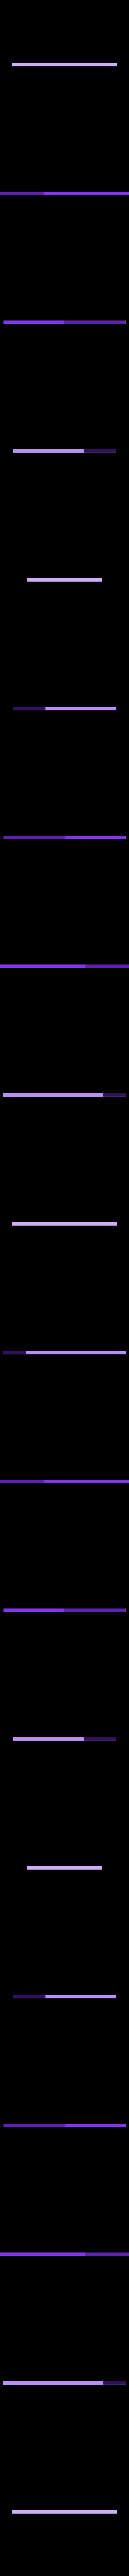 Frame.stl Télécharger fichier STL gratuit Réservoir d'ondulation • Modèle pour impression 3D, poblocki1982